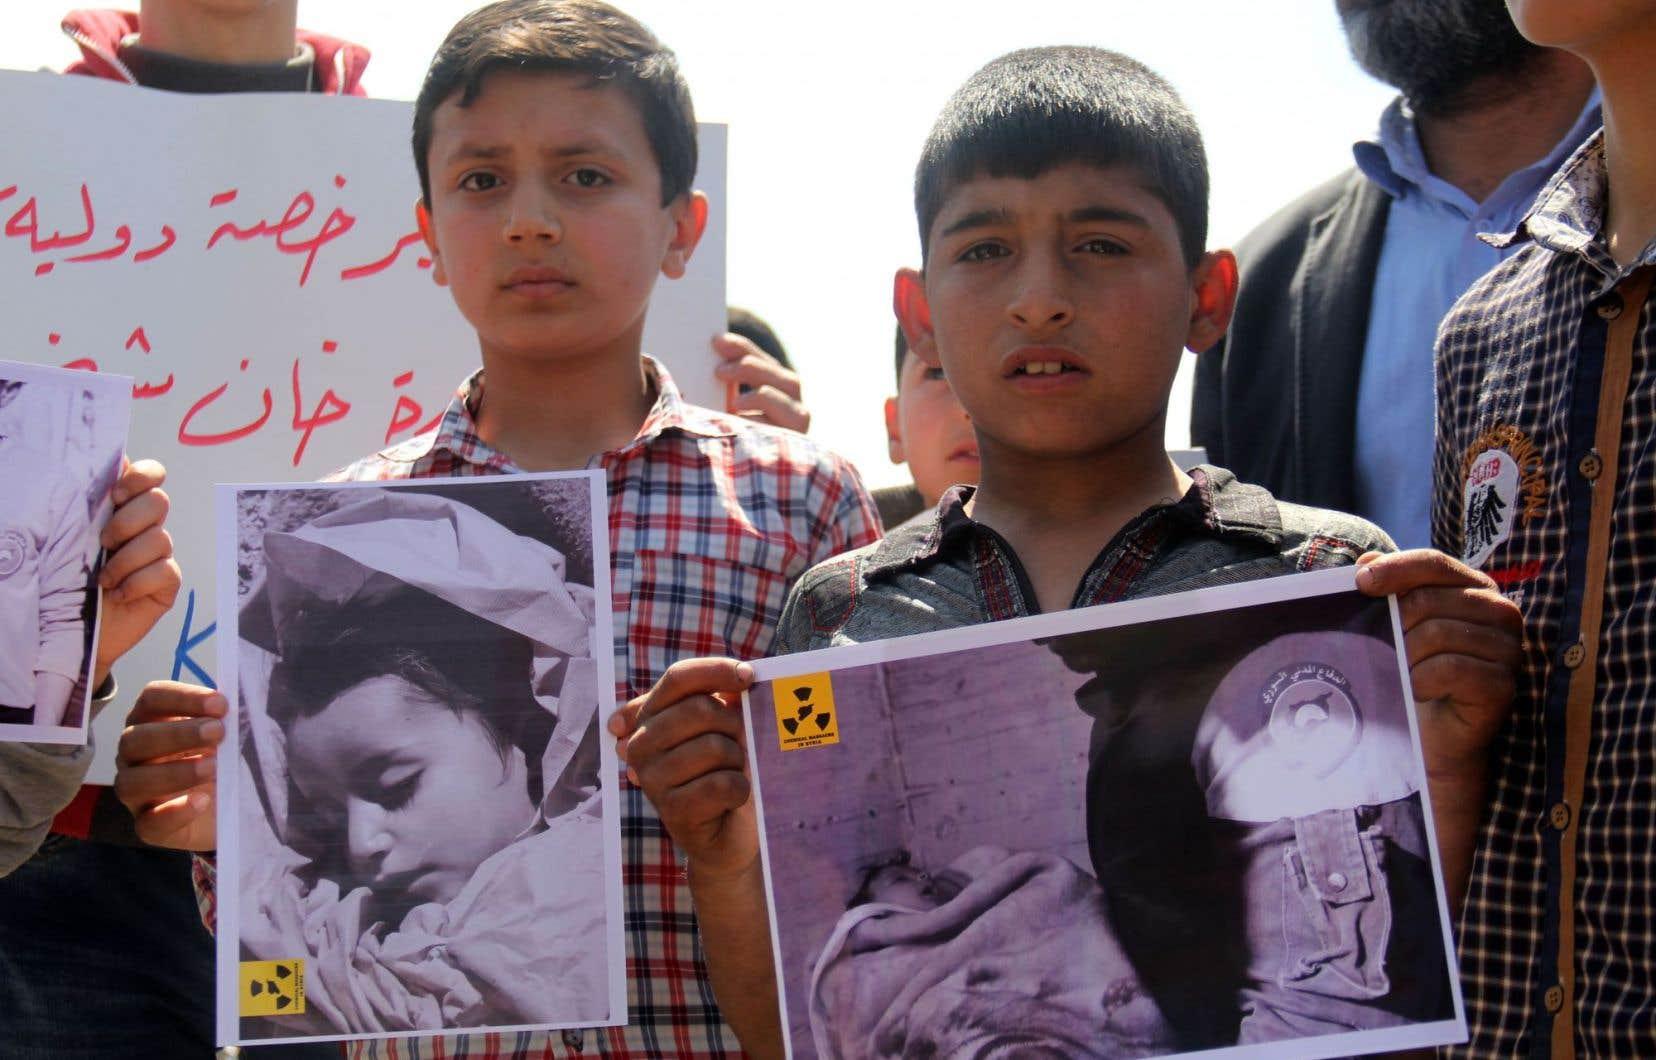 Des résidants de Khan Cheikhoun montrent des photos de victimes de l'attaque au sarin qui a tué 87 de personnes.